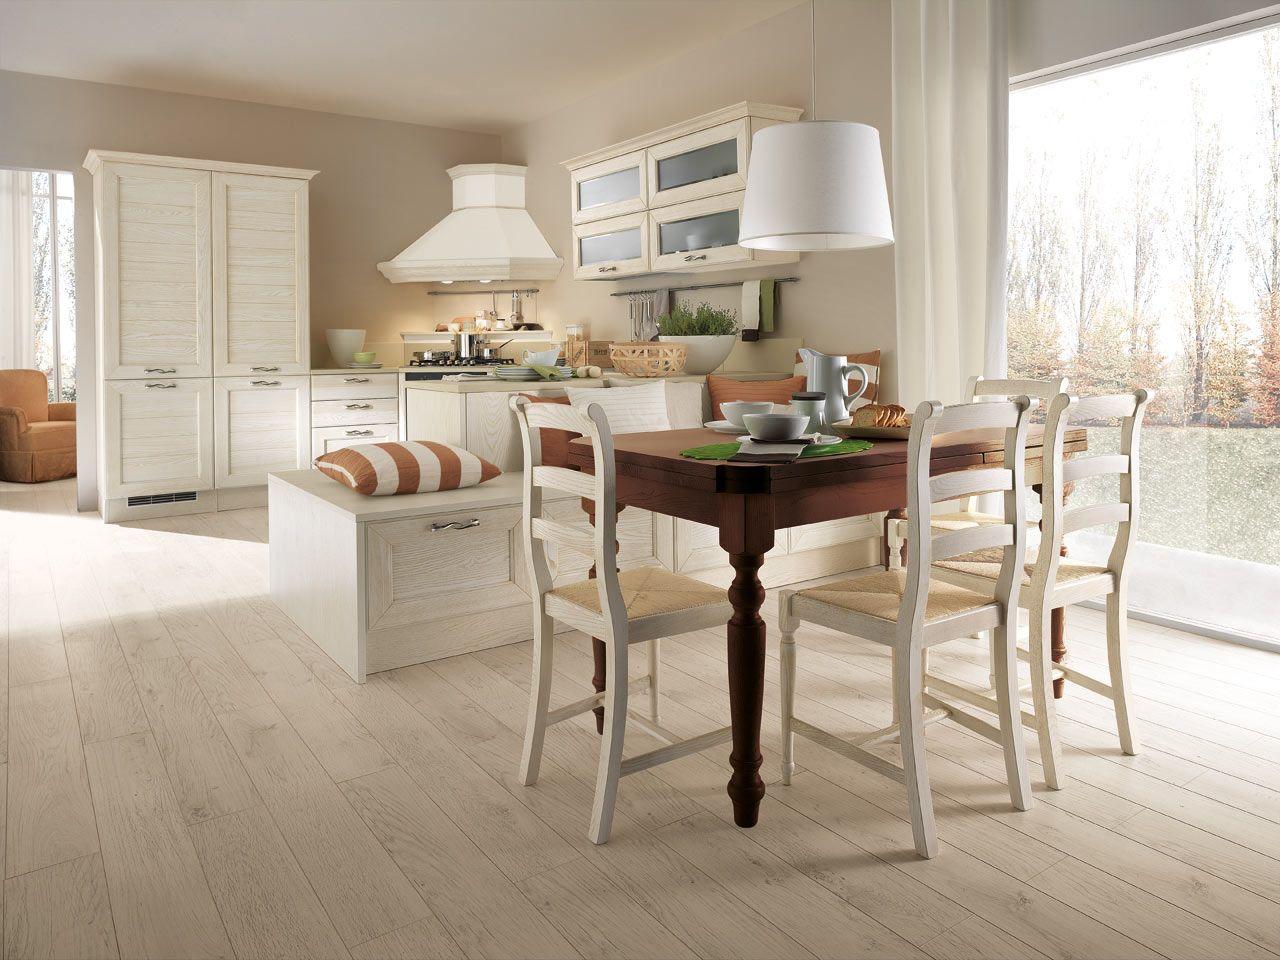 Cucina Mobili Cucina E Complementi Cucine #4F652B 1280 960 Panca Angolare Legno Per Cucina